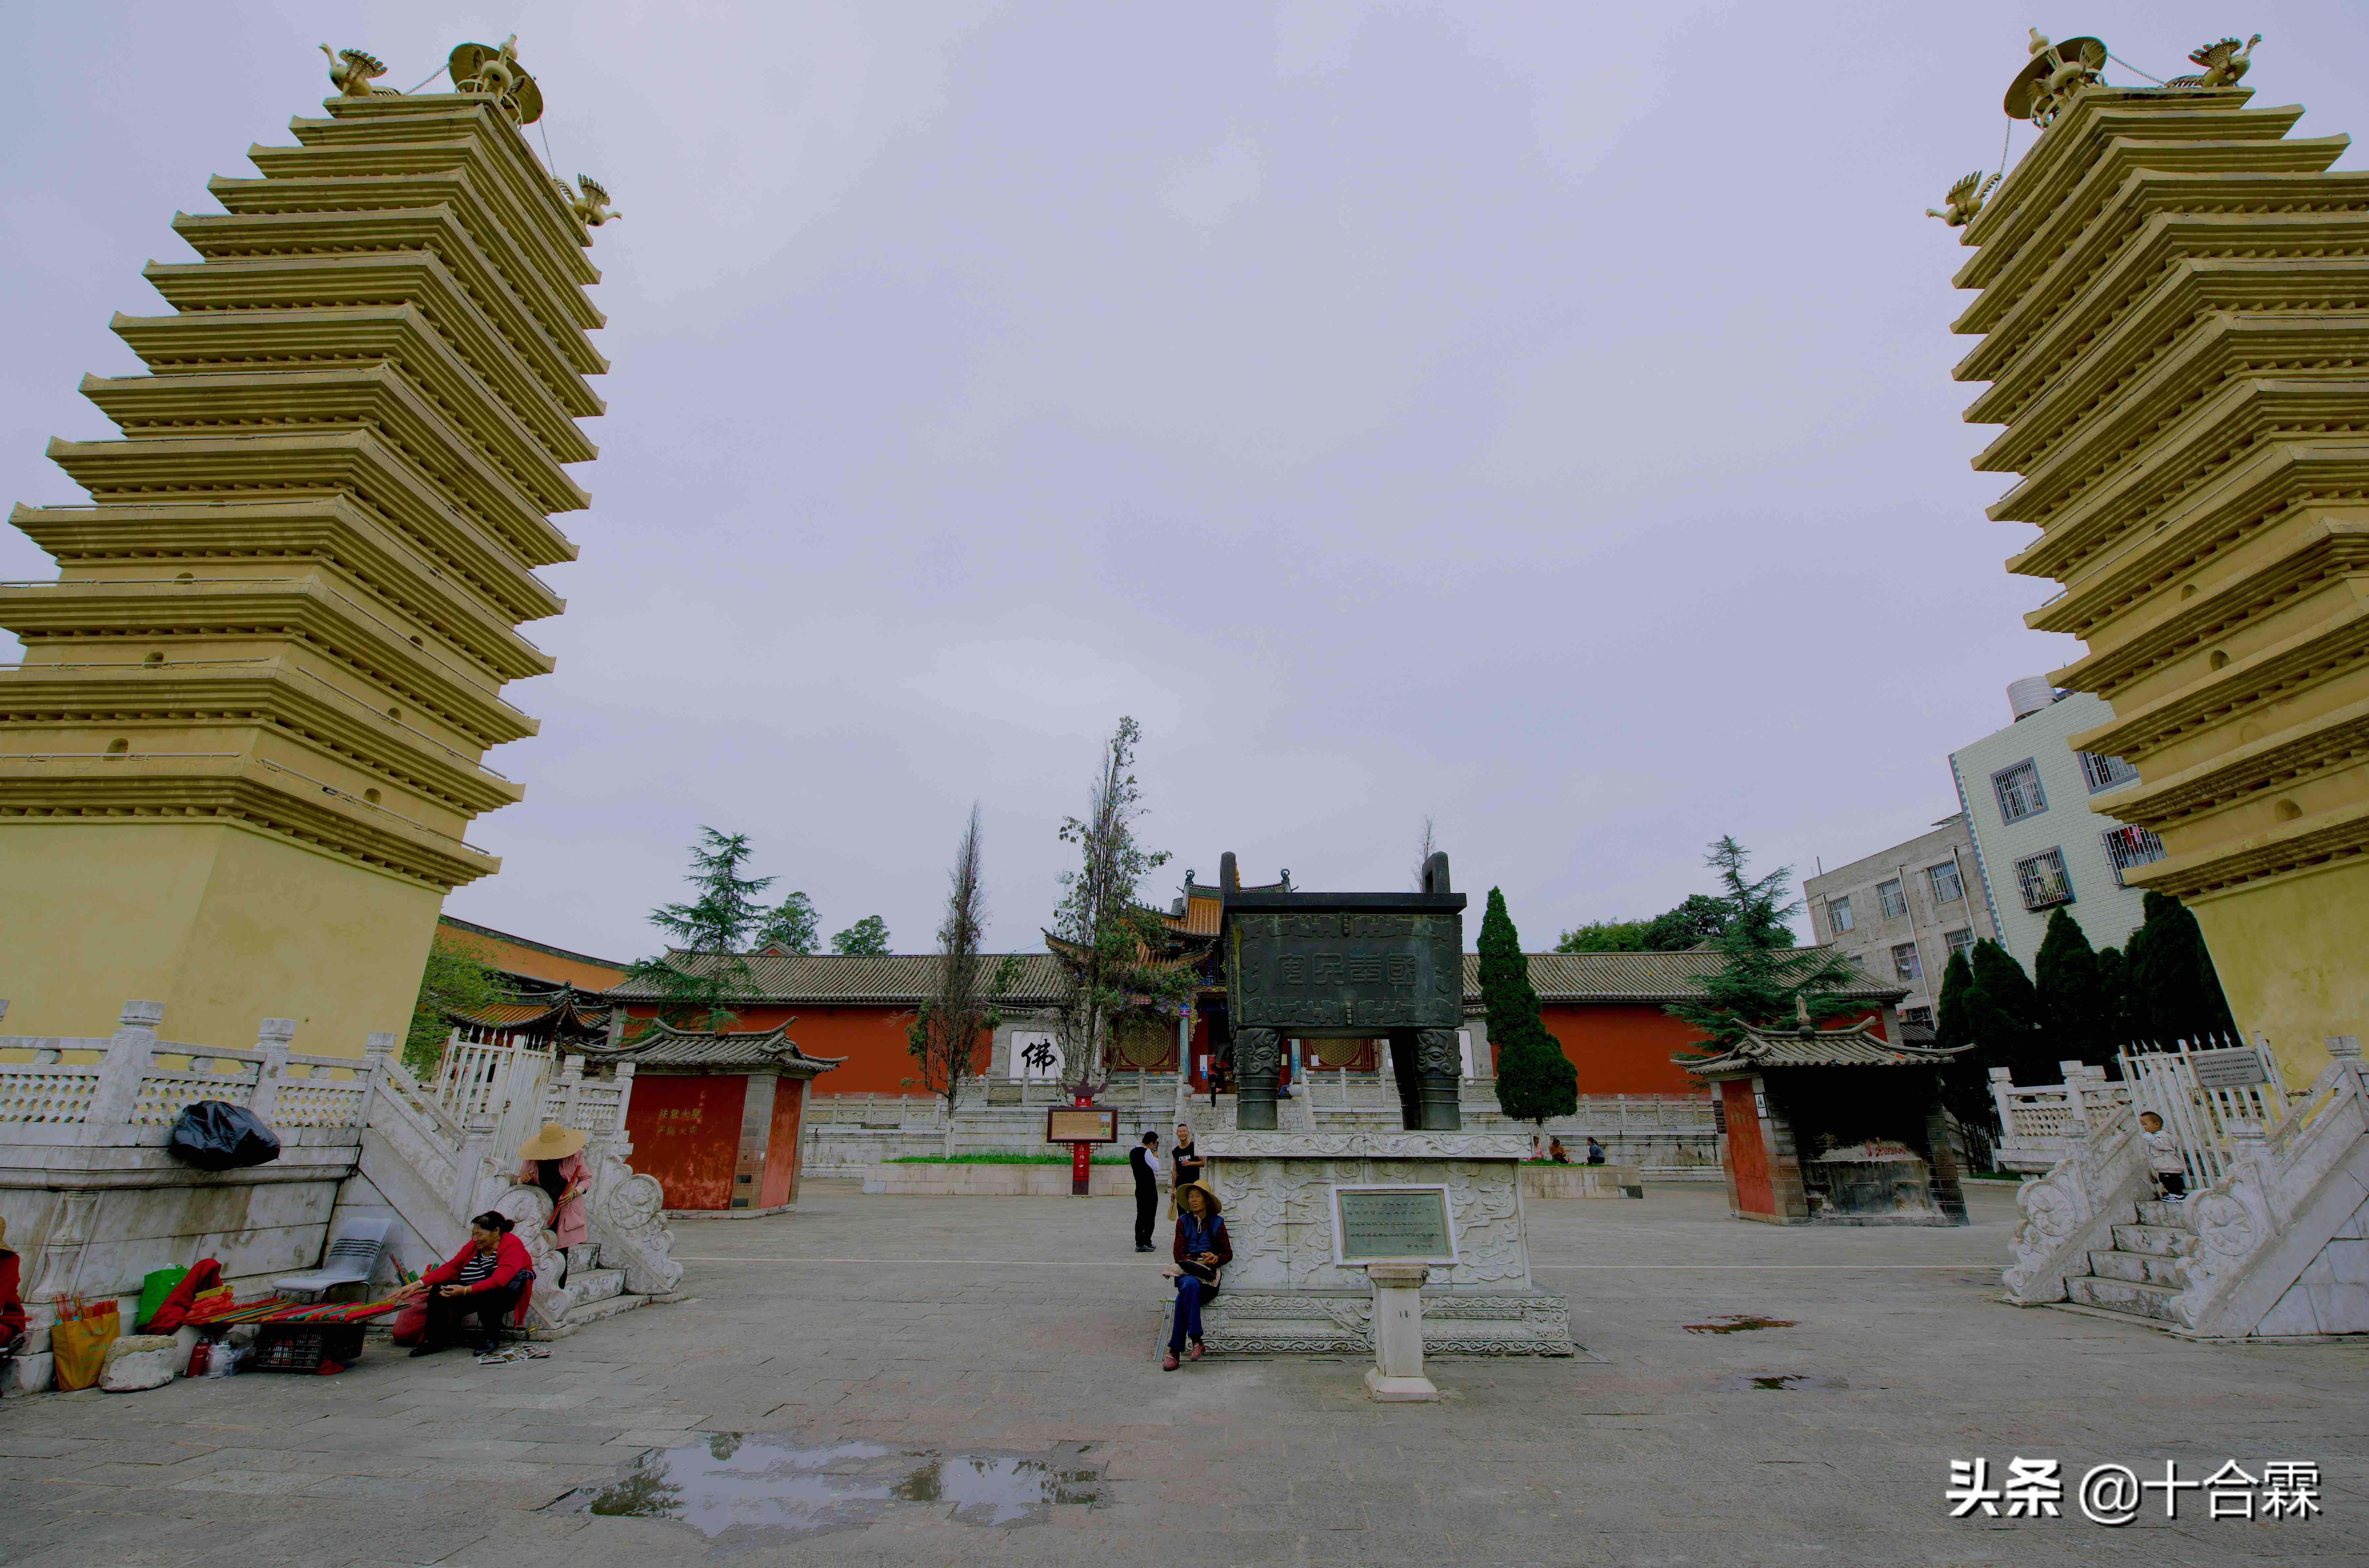 云南昆明历史最久的古刹,经千年香火不断,是西南最具声望的圣地